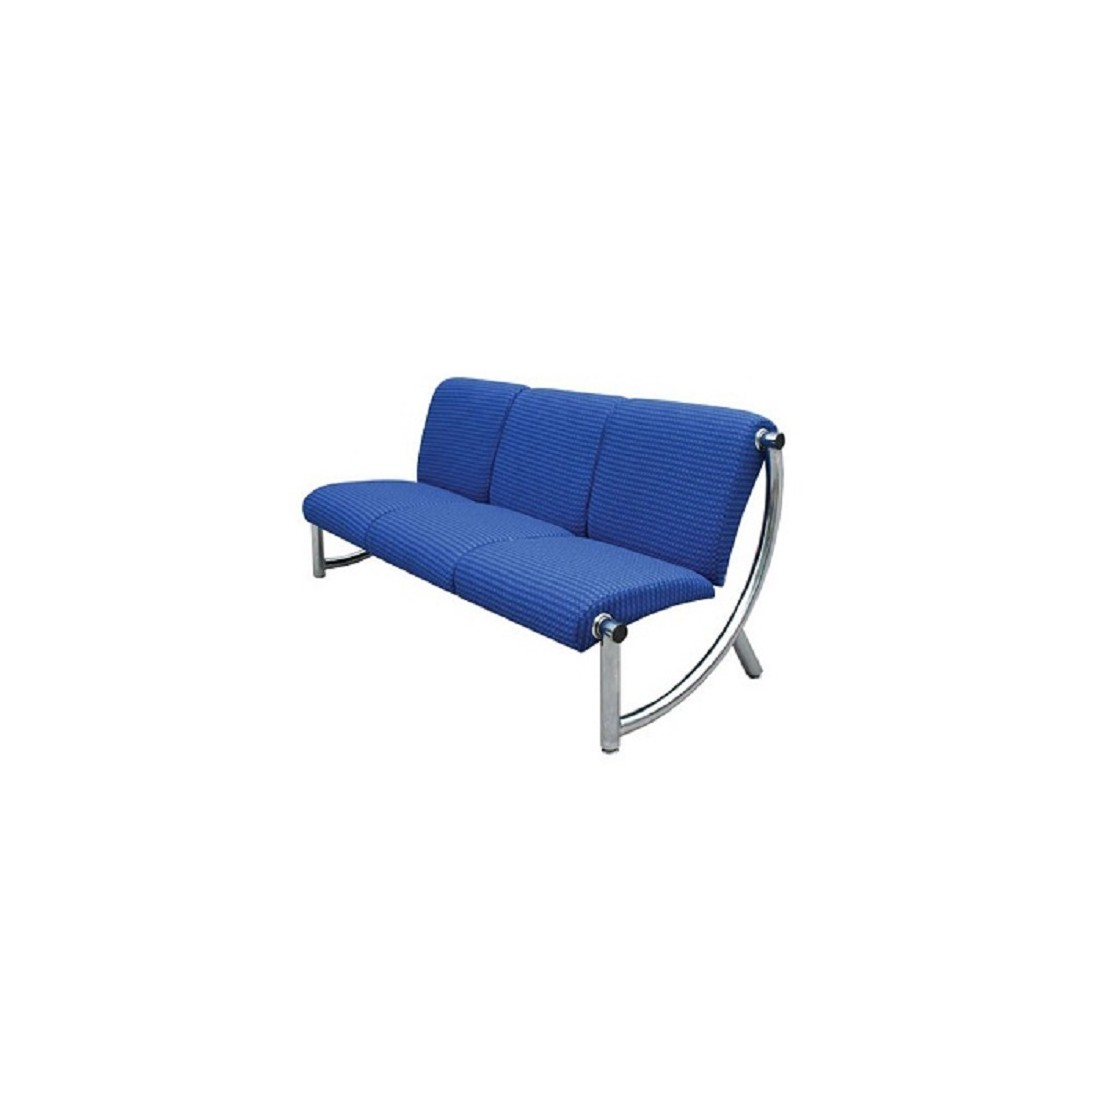 Ghế Sofa bọc vải SF81-3-Thế giới đồ gia dụng HMD